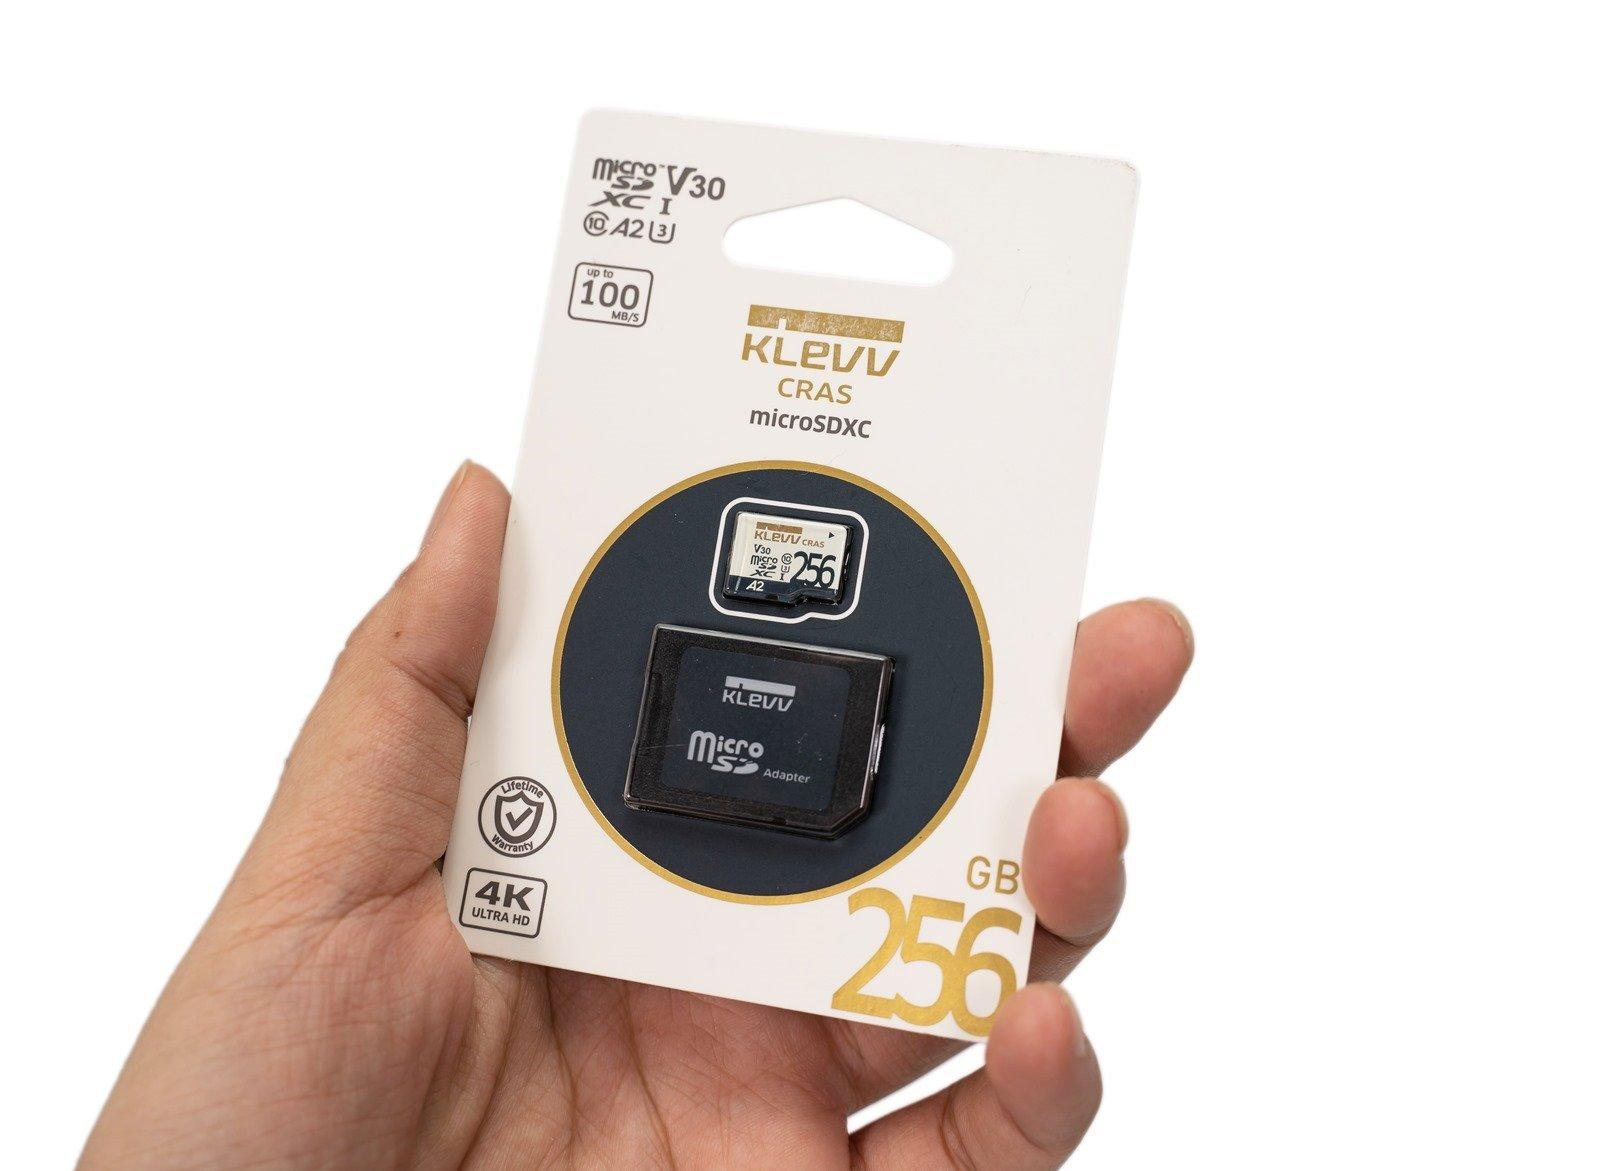 這張記憶卡好嗎?KLEVV 科賦 MicroSDXC 256GB 記憶卡 (U3/A2/V30) 手機電腦實測 @3C 達人廖阿輝